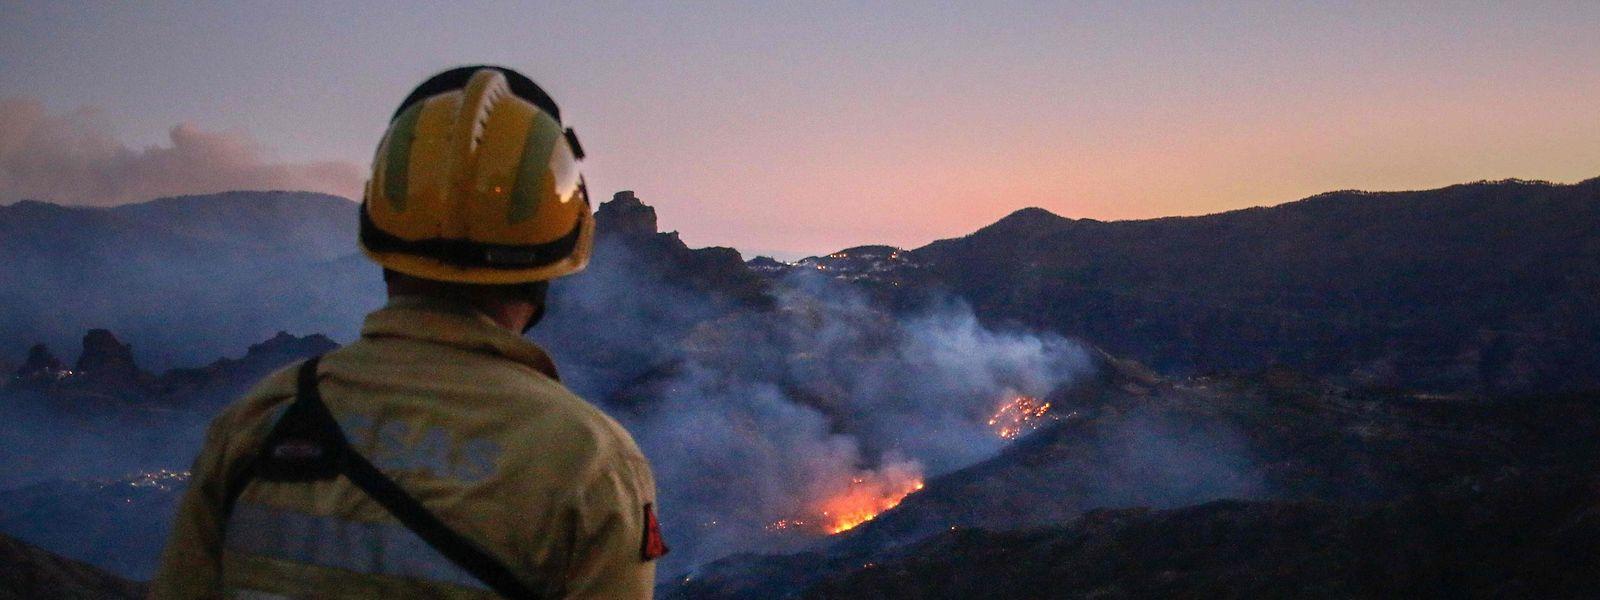 Mehr als 600 Helfer sind im Einsatz, um der Brände Herr zu werden.